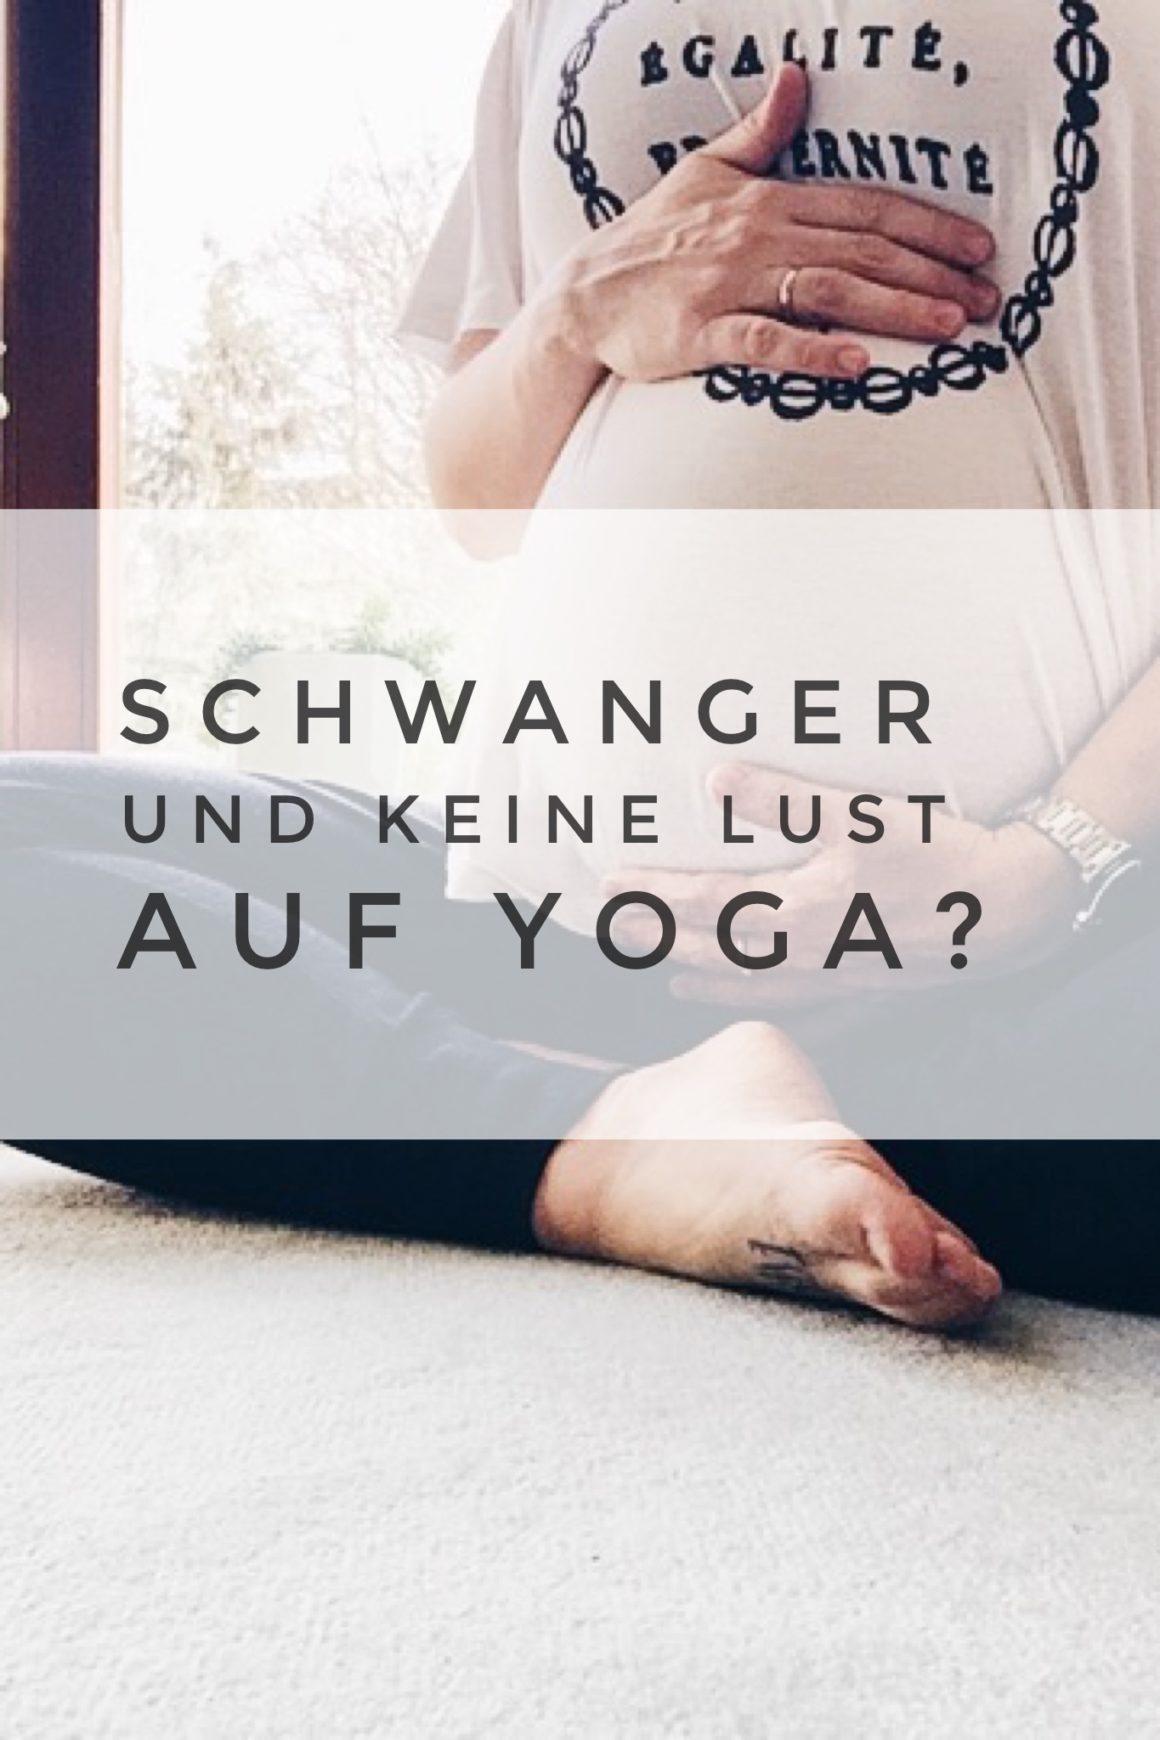 Schwanger und keine Lust auf Yoga? Voll okay!